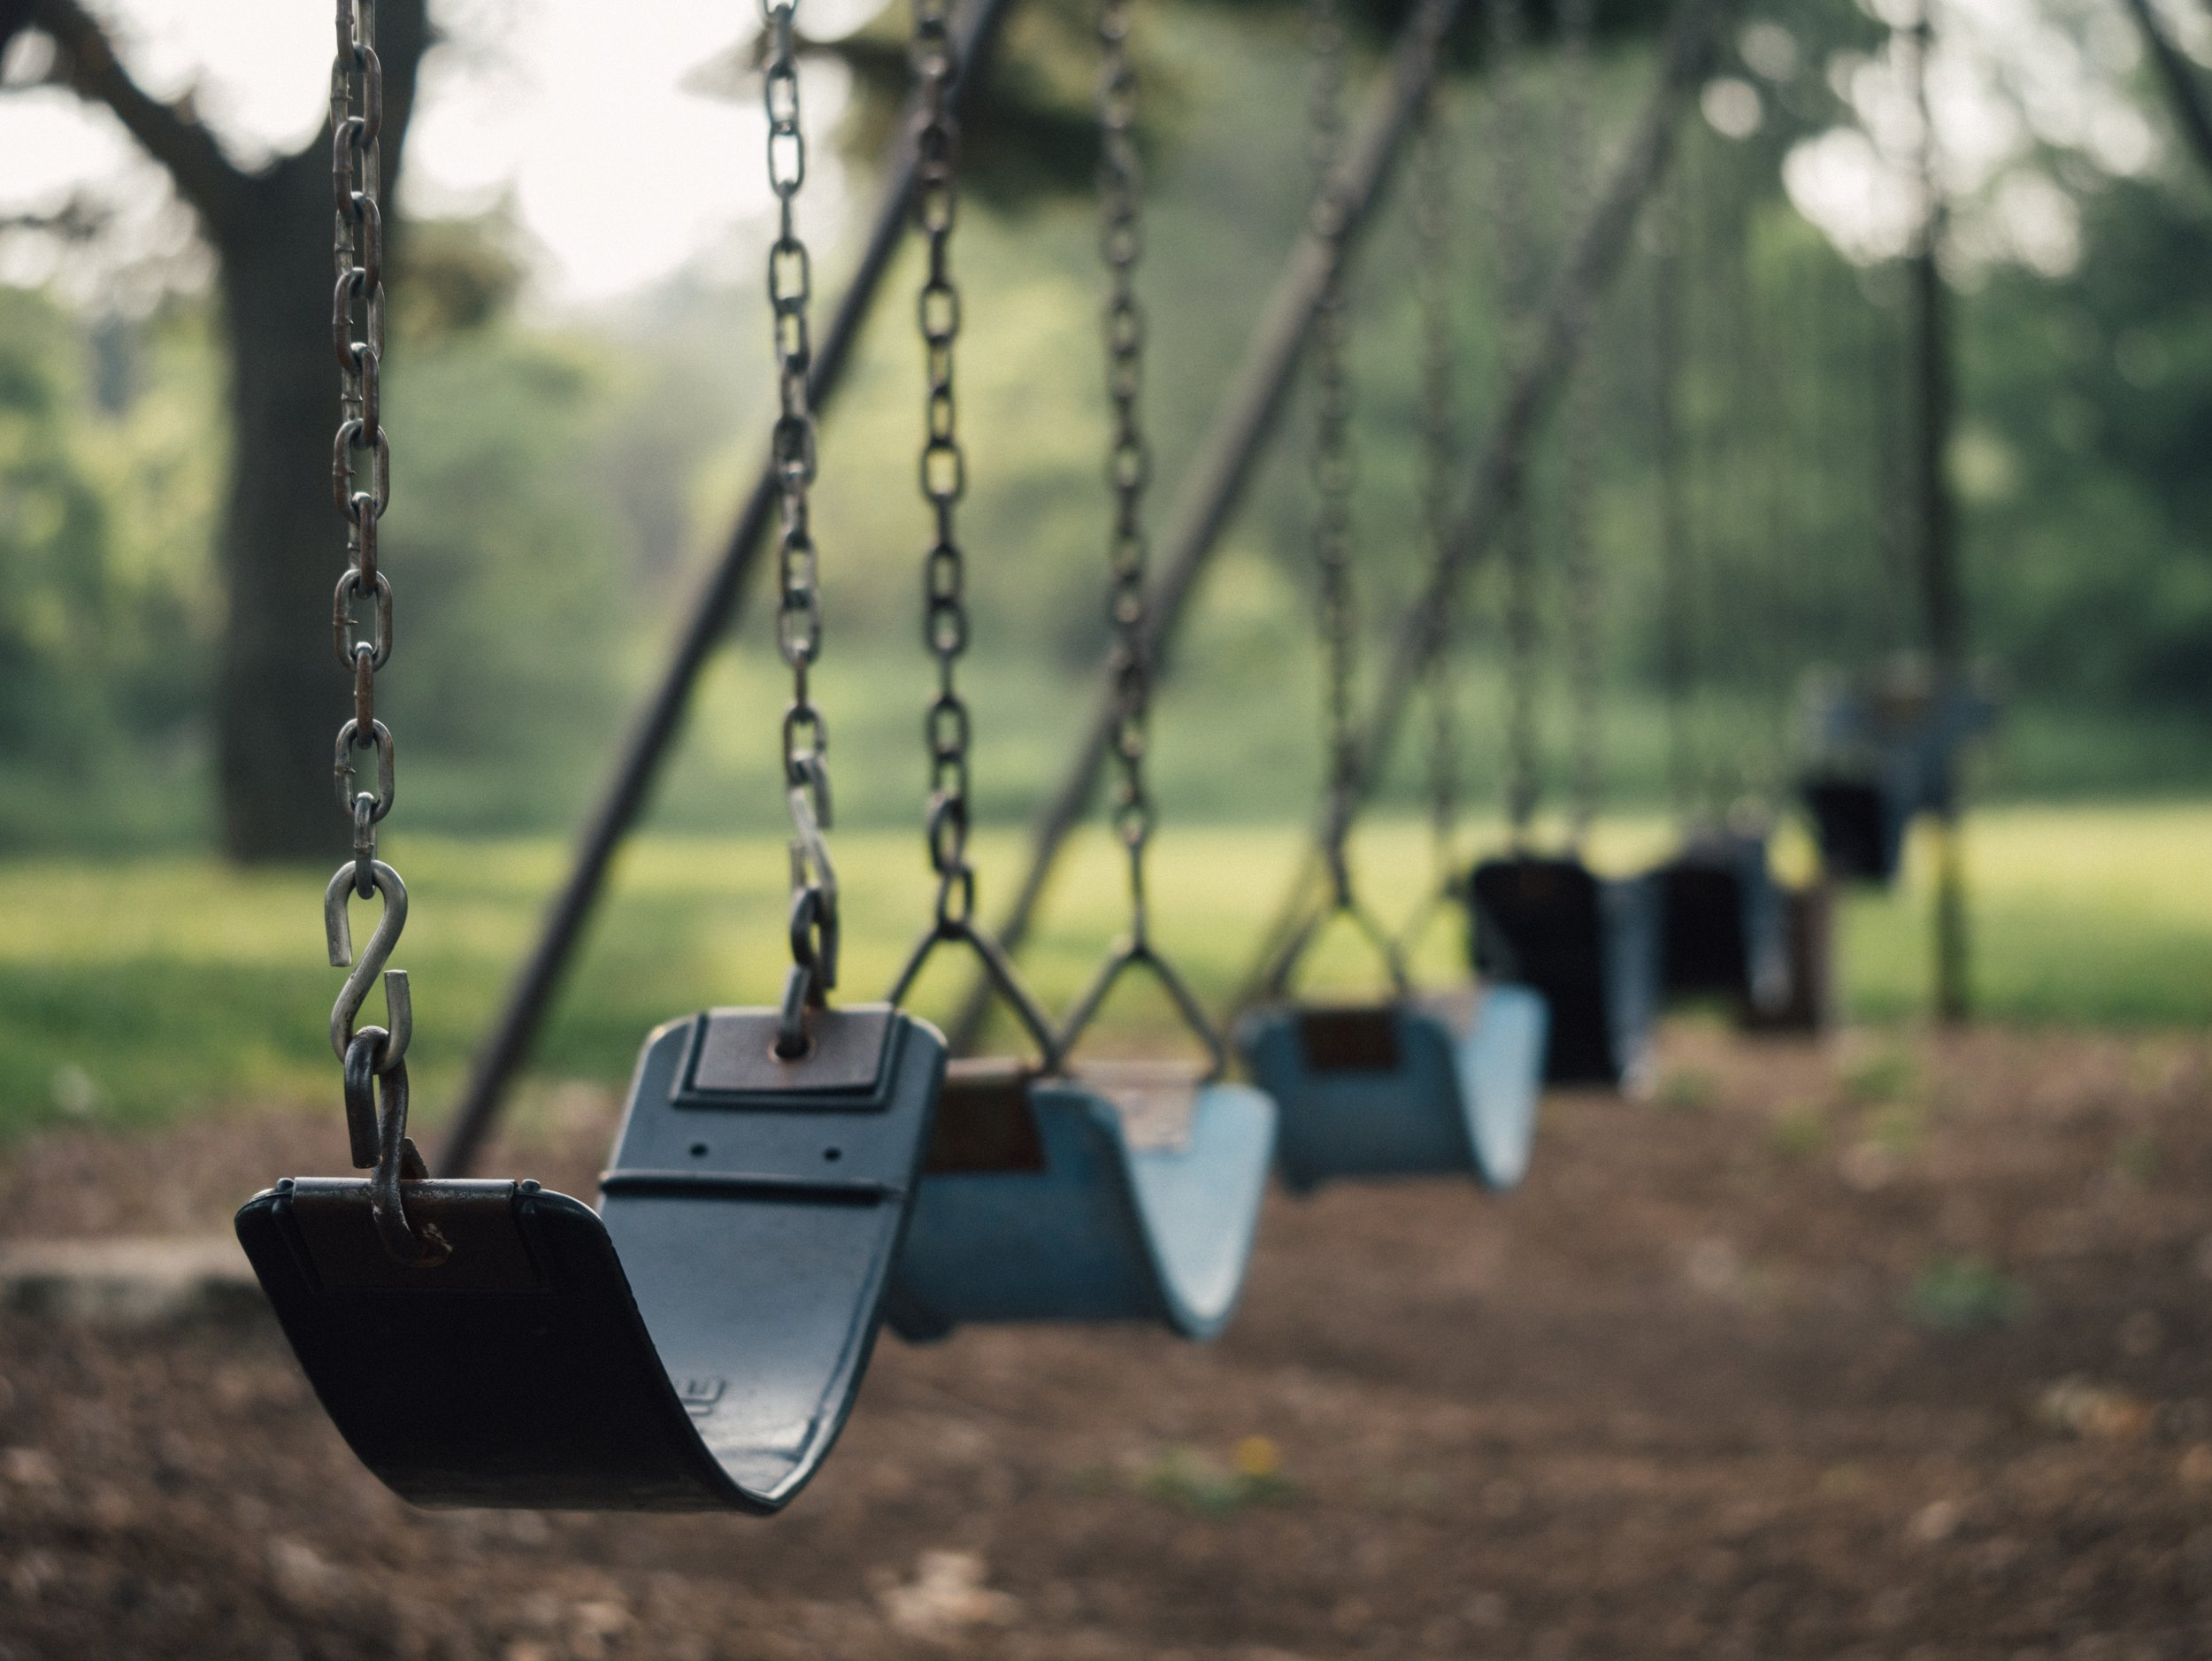 swingset.jpg